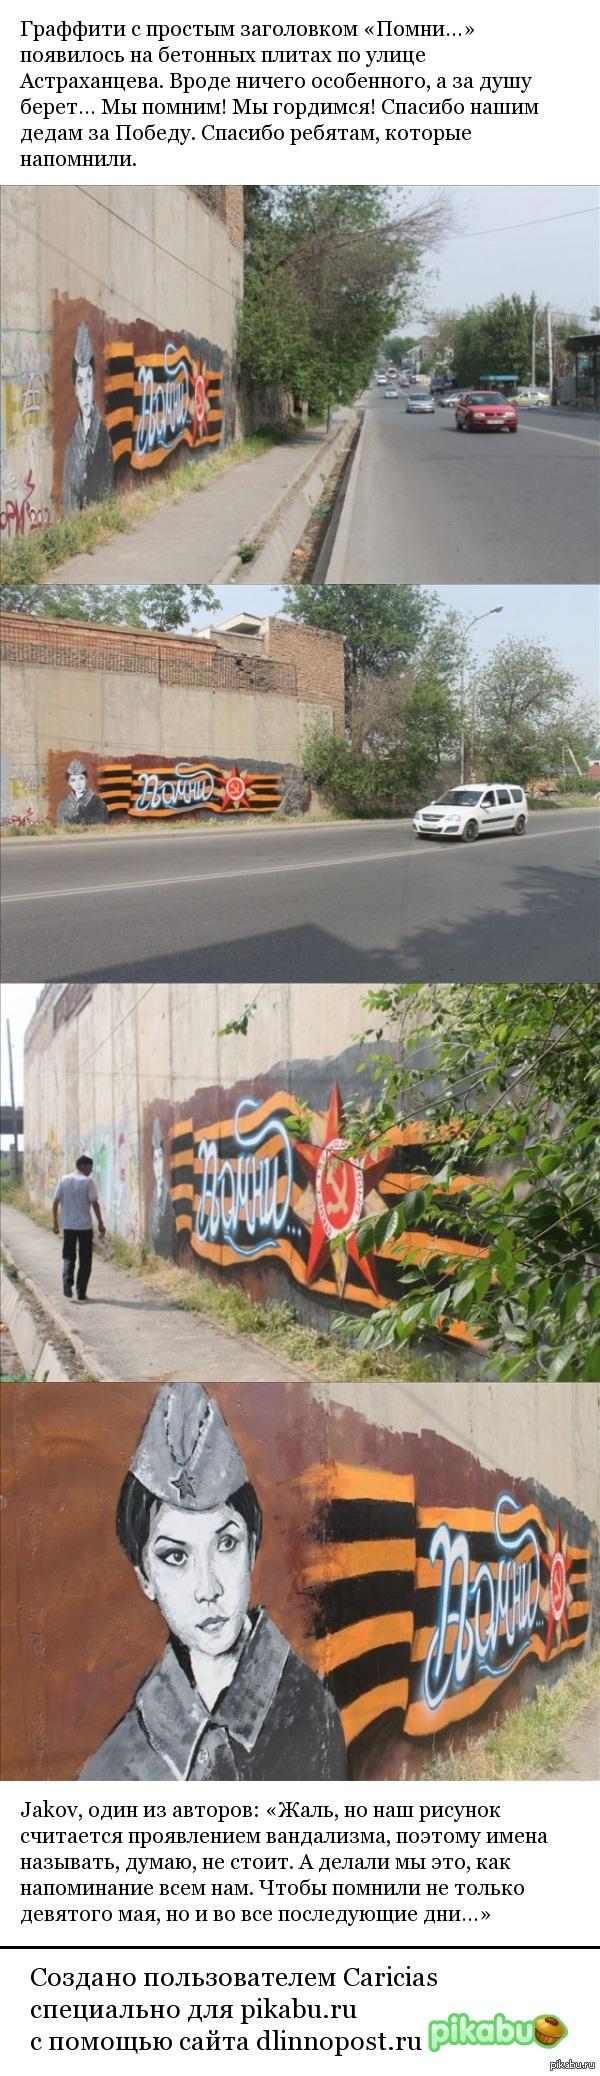 Граффити ко Дню Победы нарисовали в Казахстане